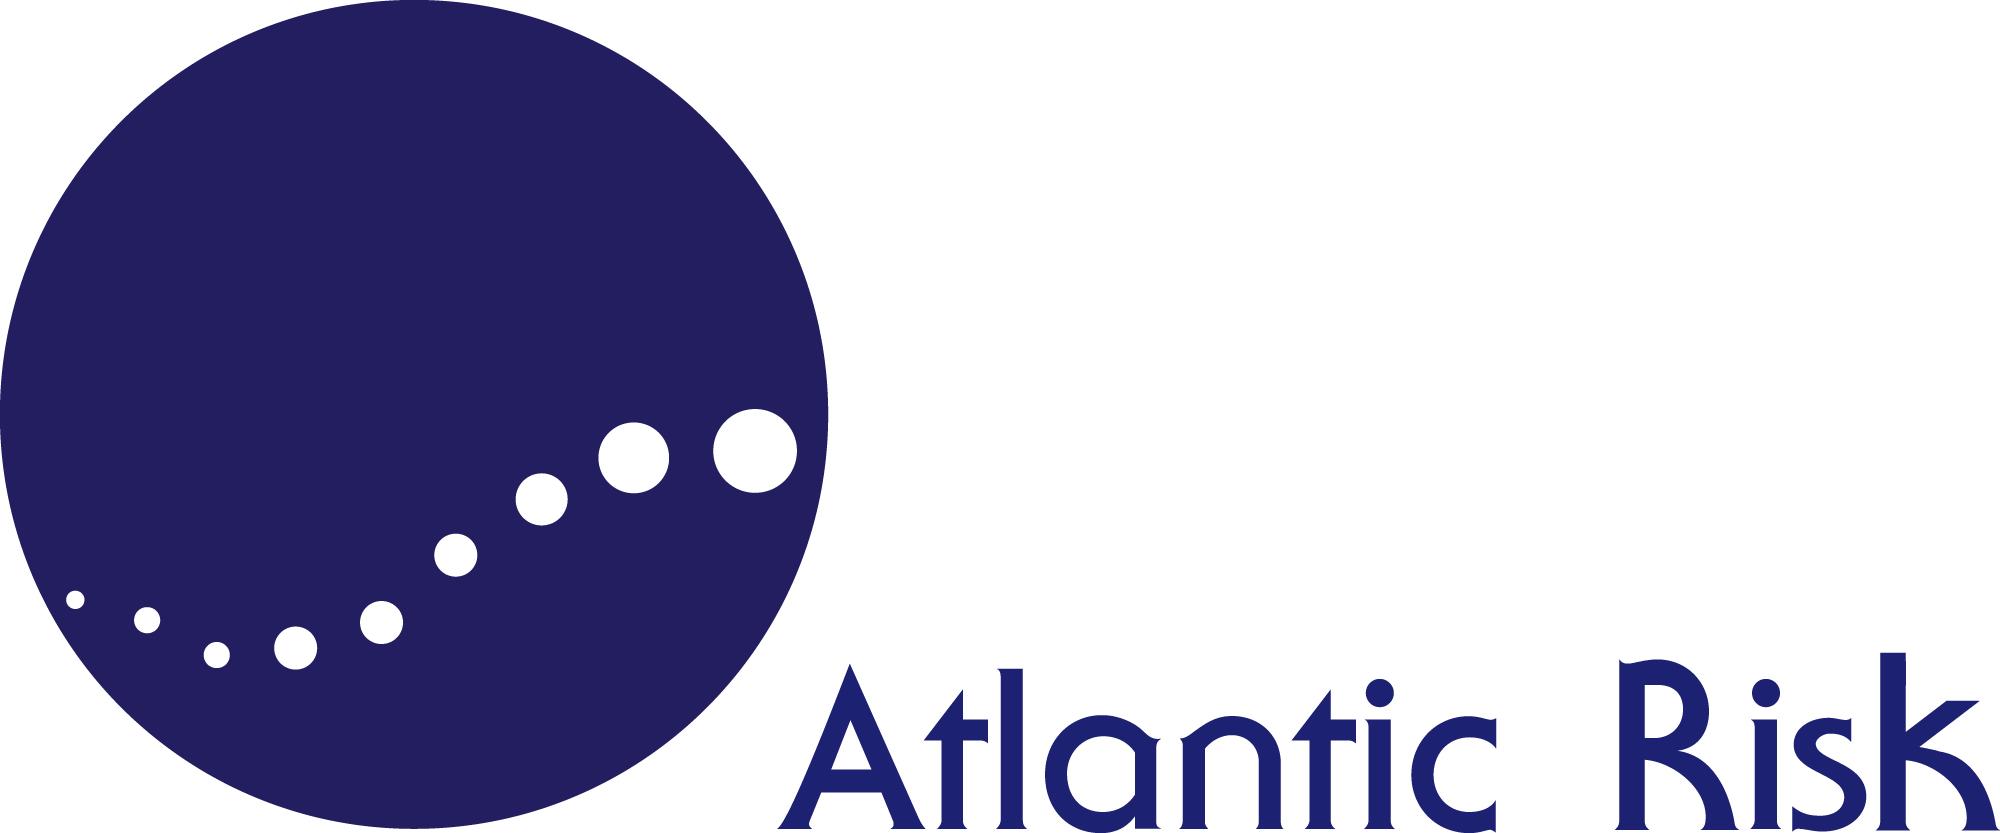 AtlanticRMS_logo_cmyk.jpg